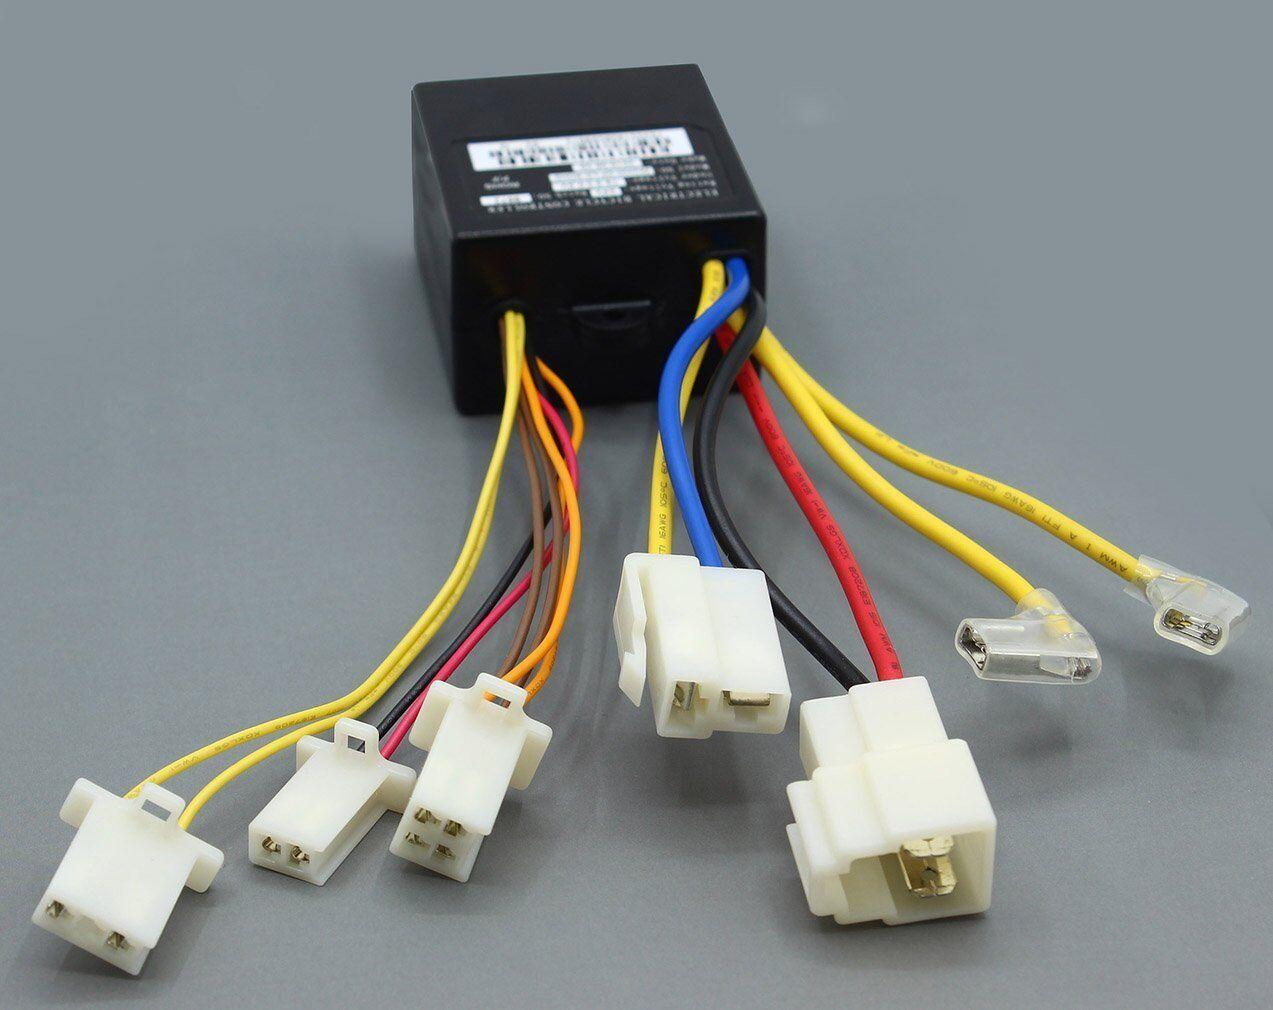 Razor Electric Scooter Wiring Diagram Trikke E2 Detailed Mod 24v Controller Module For E100 E125 E150 E175 Espark Adult